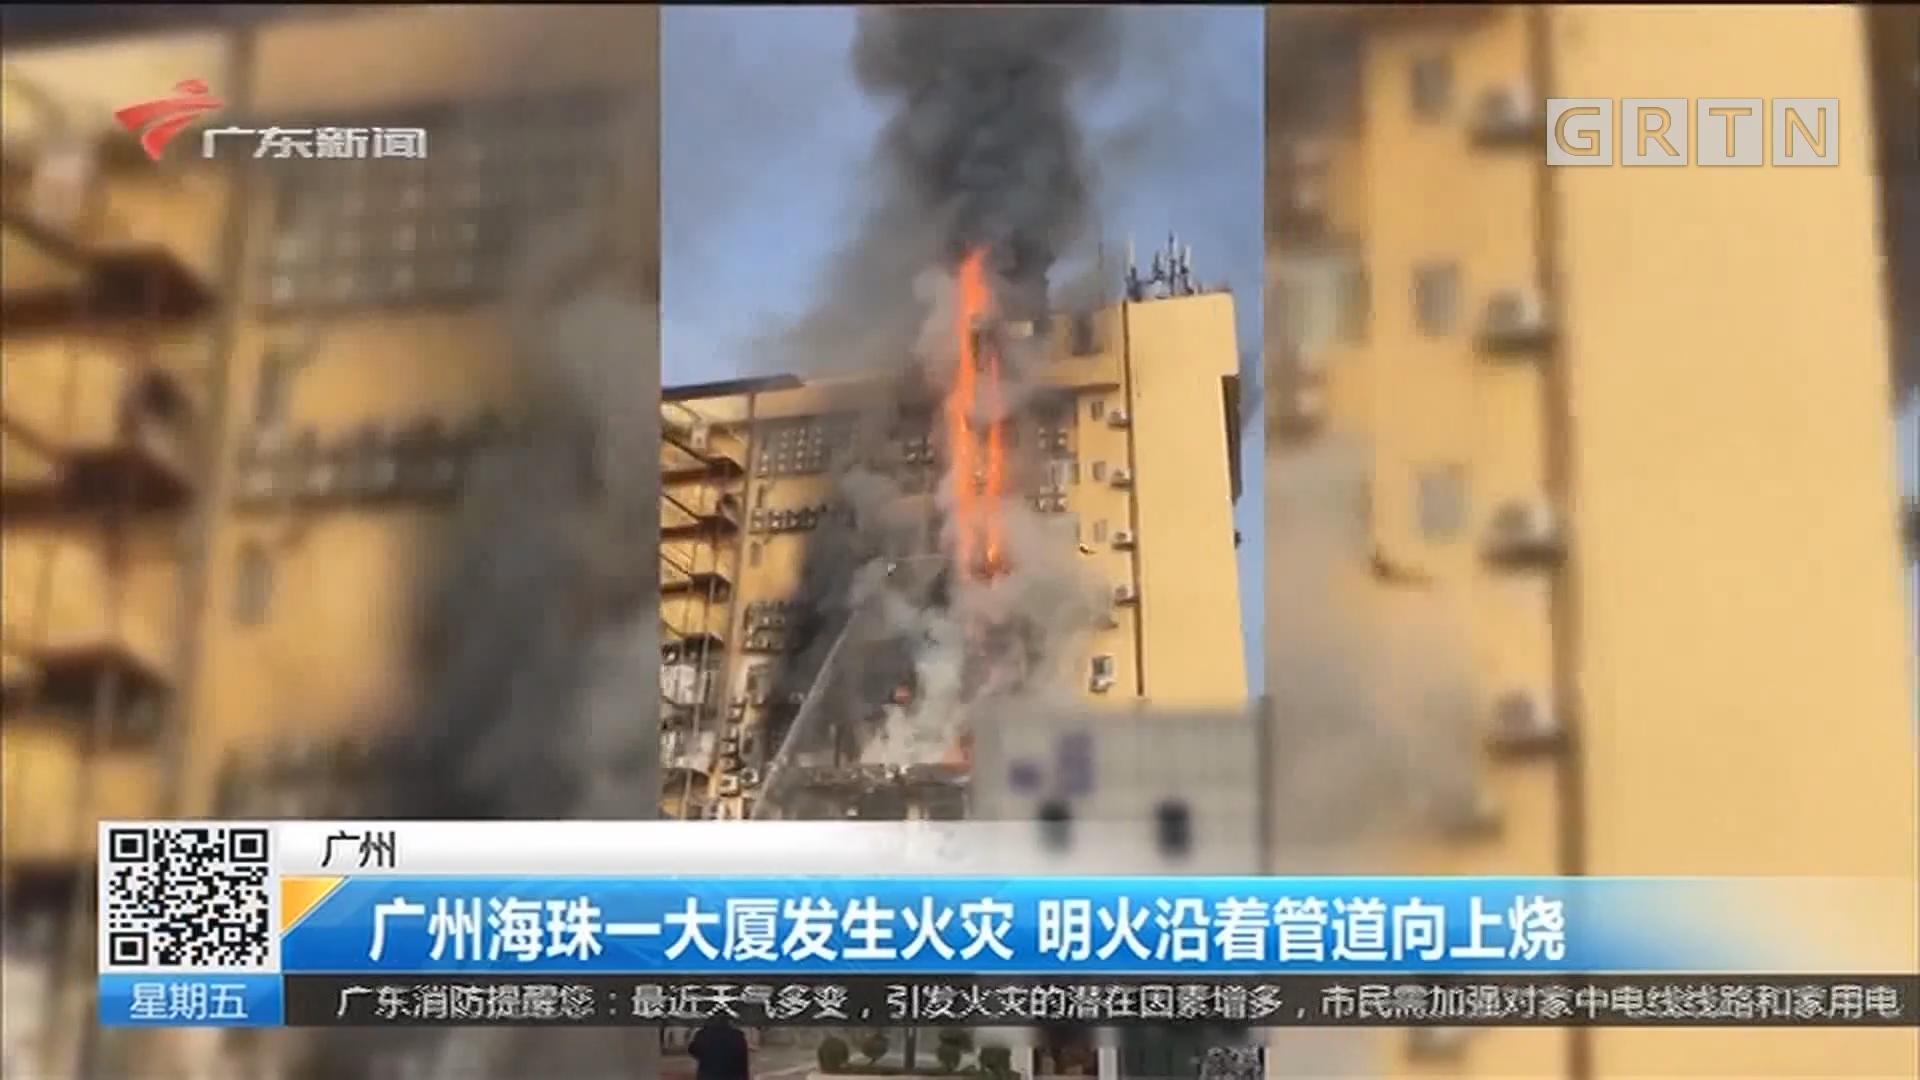 广州 广州海珠一大厦发生火灾 明火沿着管道向上烧